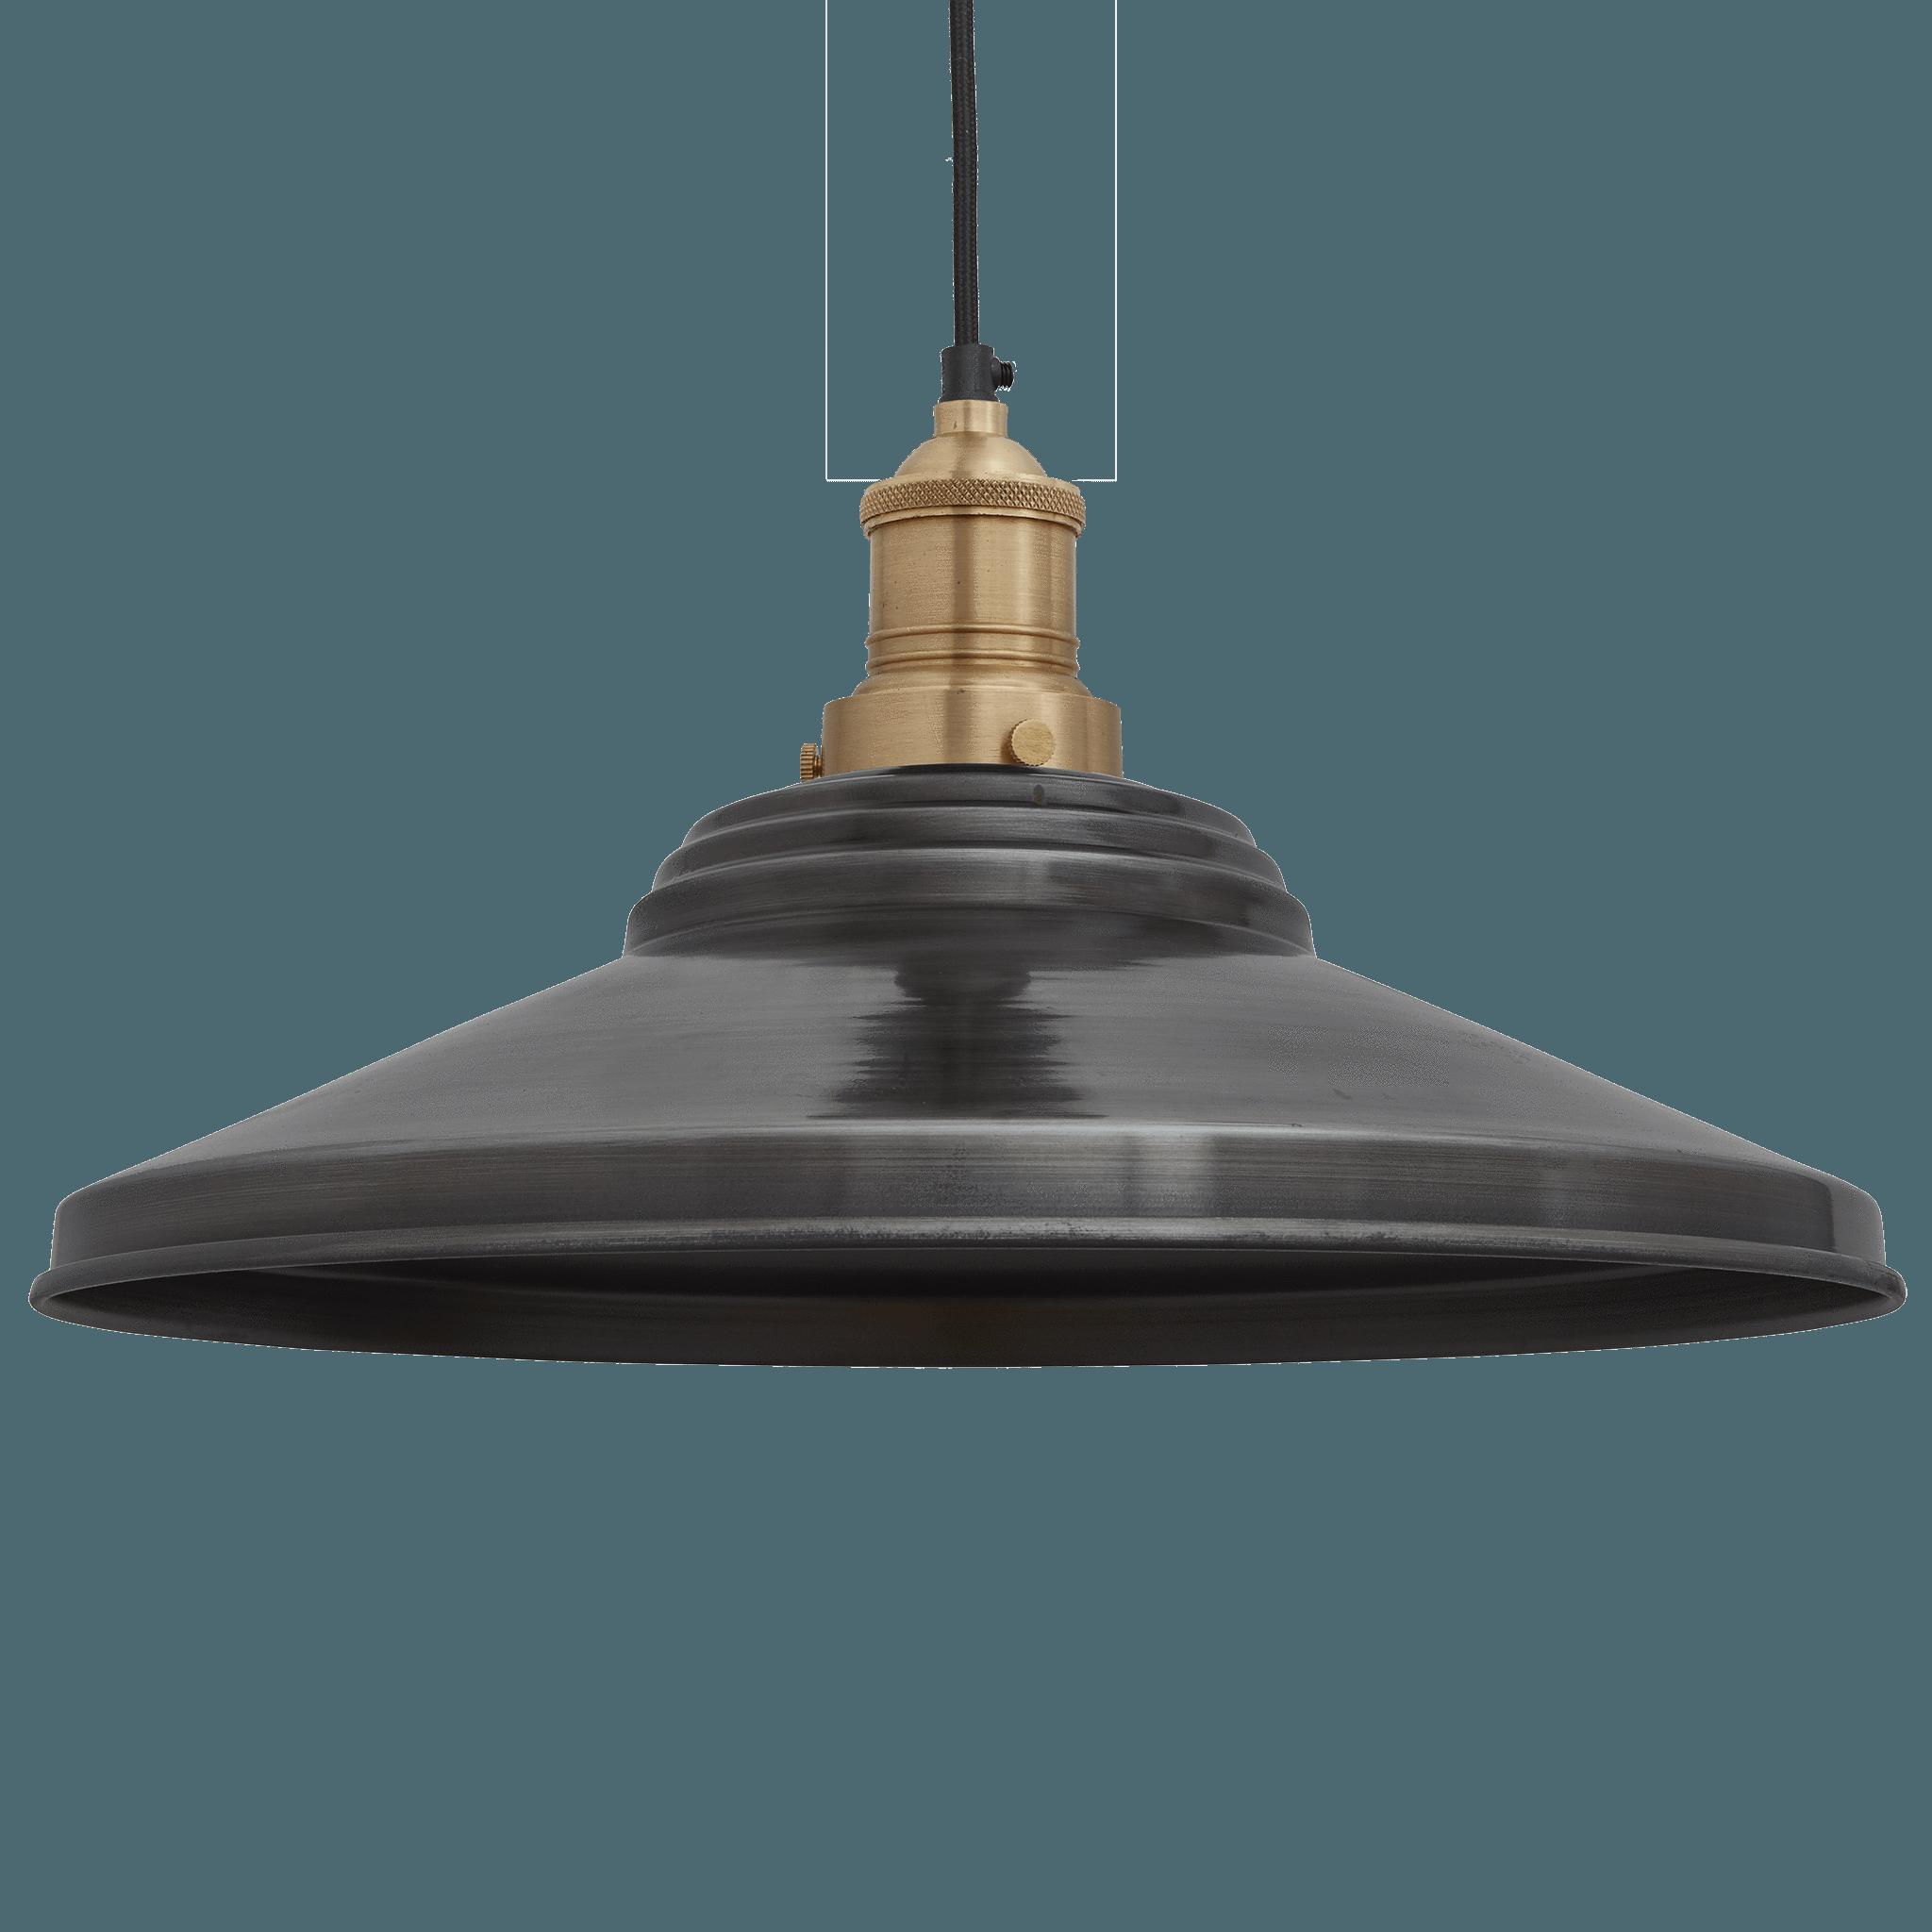 Metal Lamp Shade Light Grey Pewter